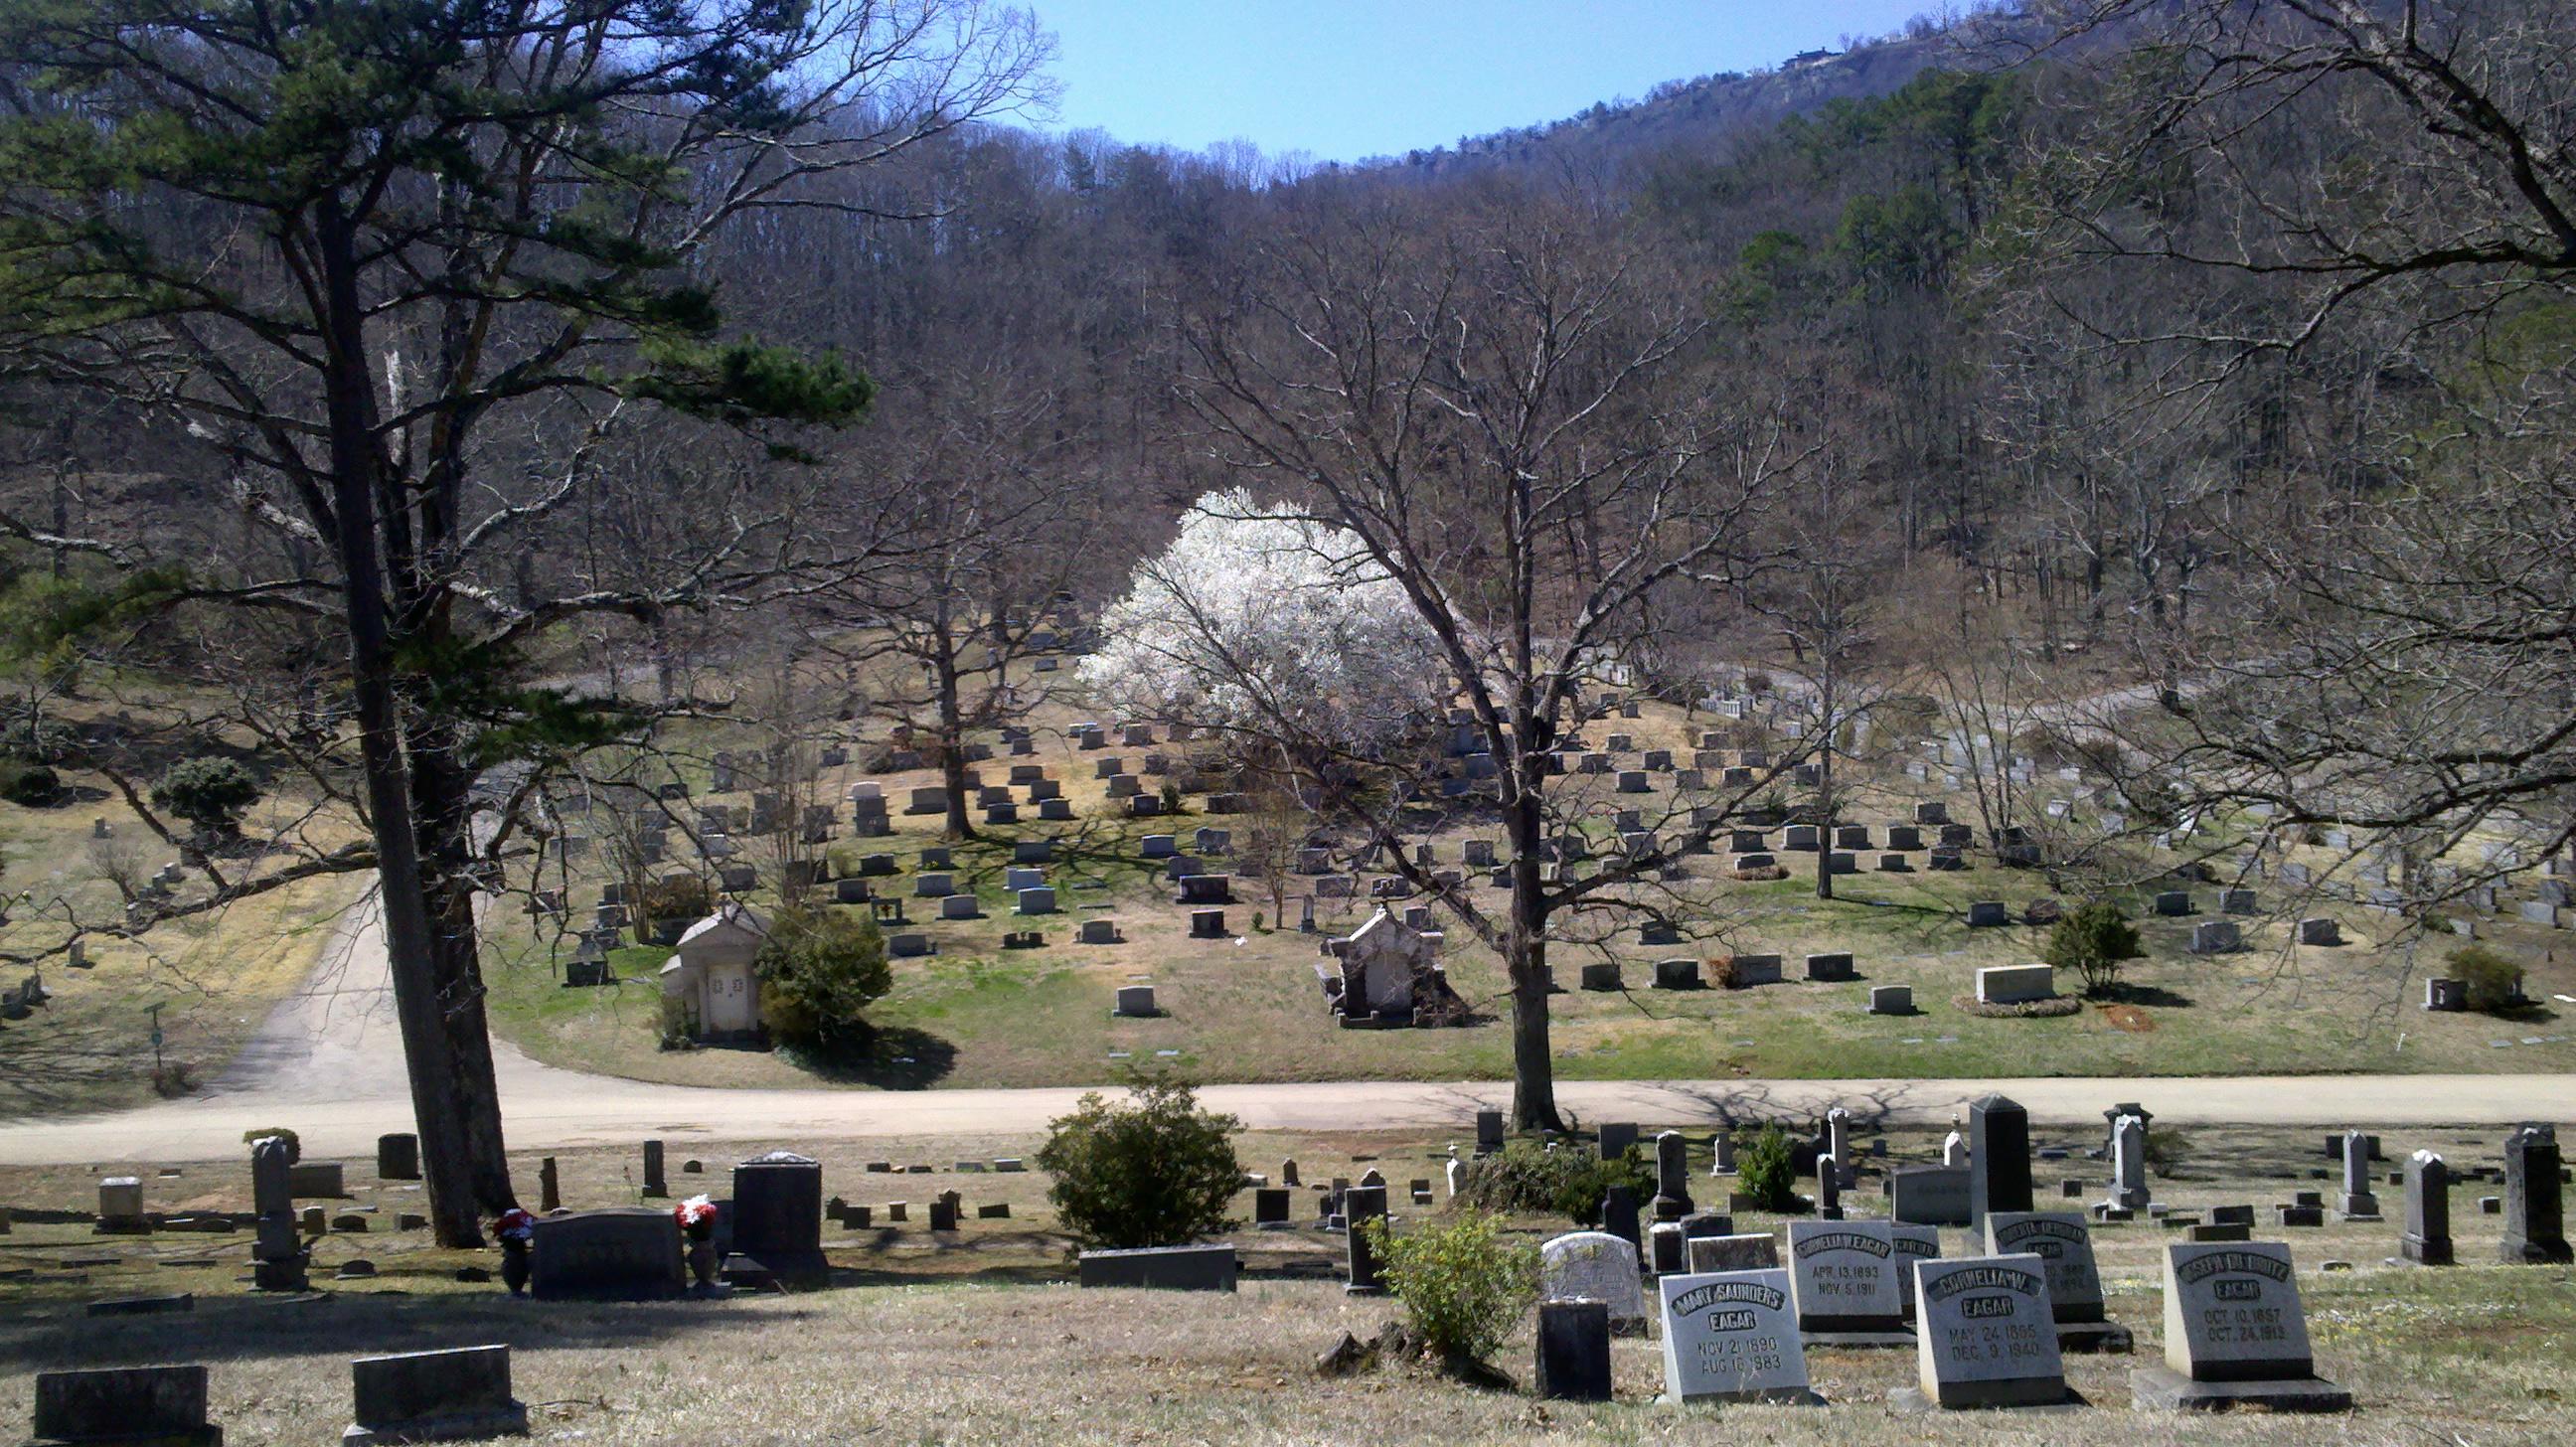 Grave Care - March 2017